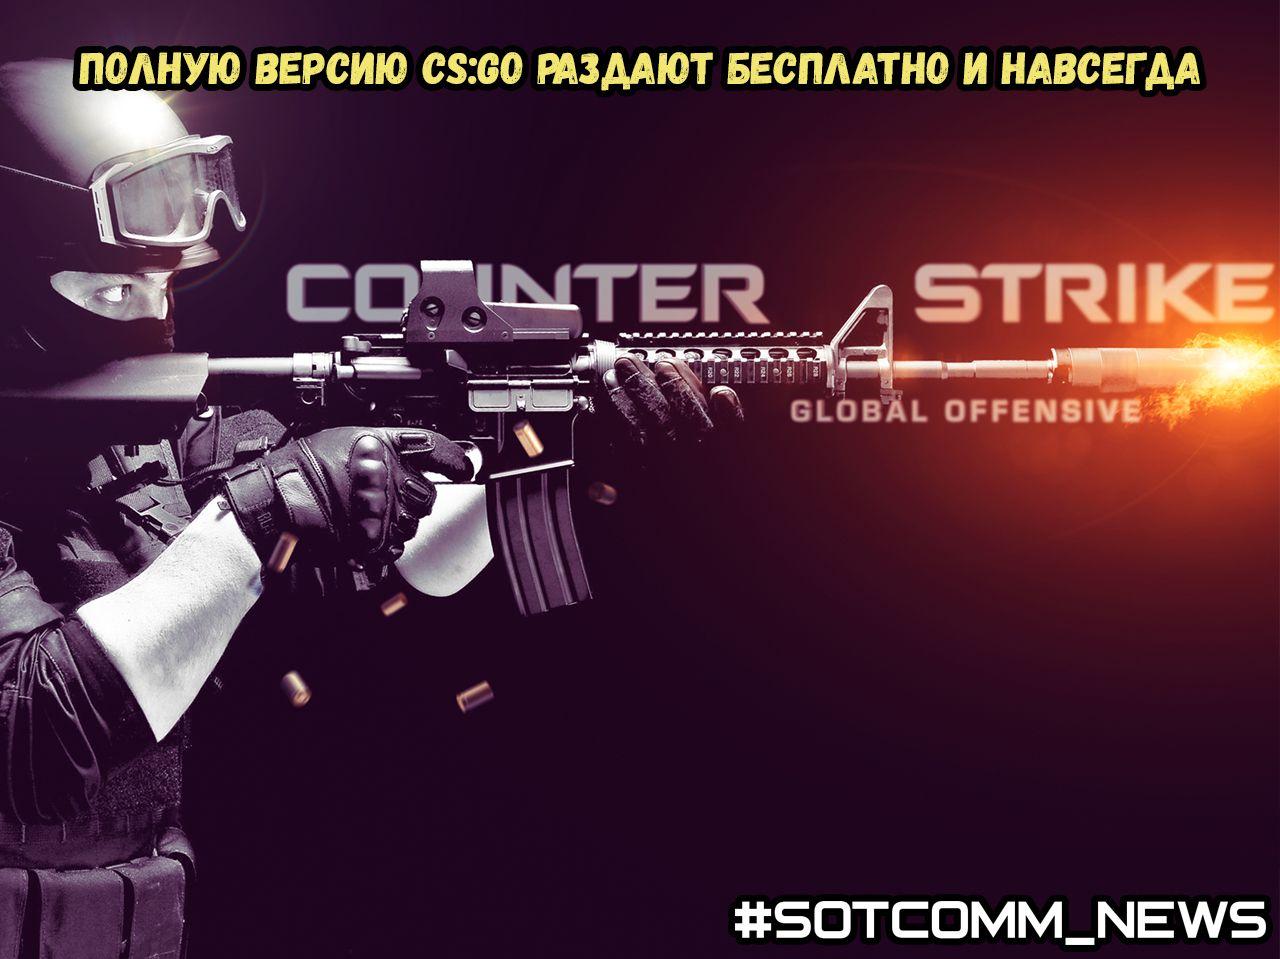 Полную версию CS:GO раздают бесплатно и навсегда